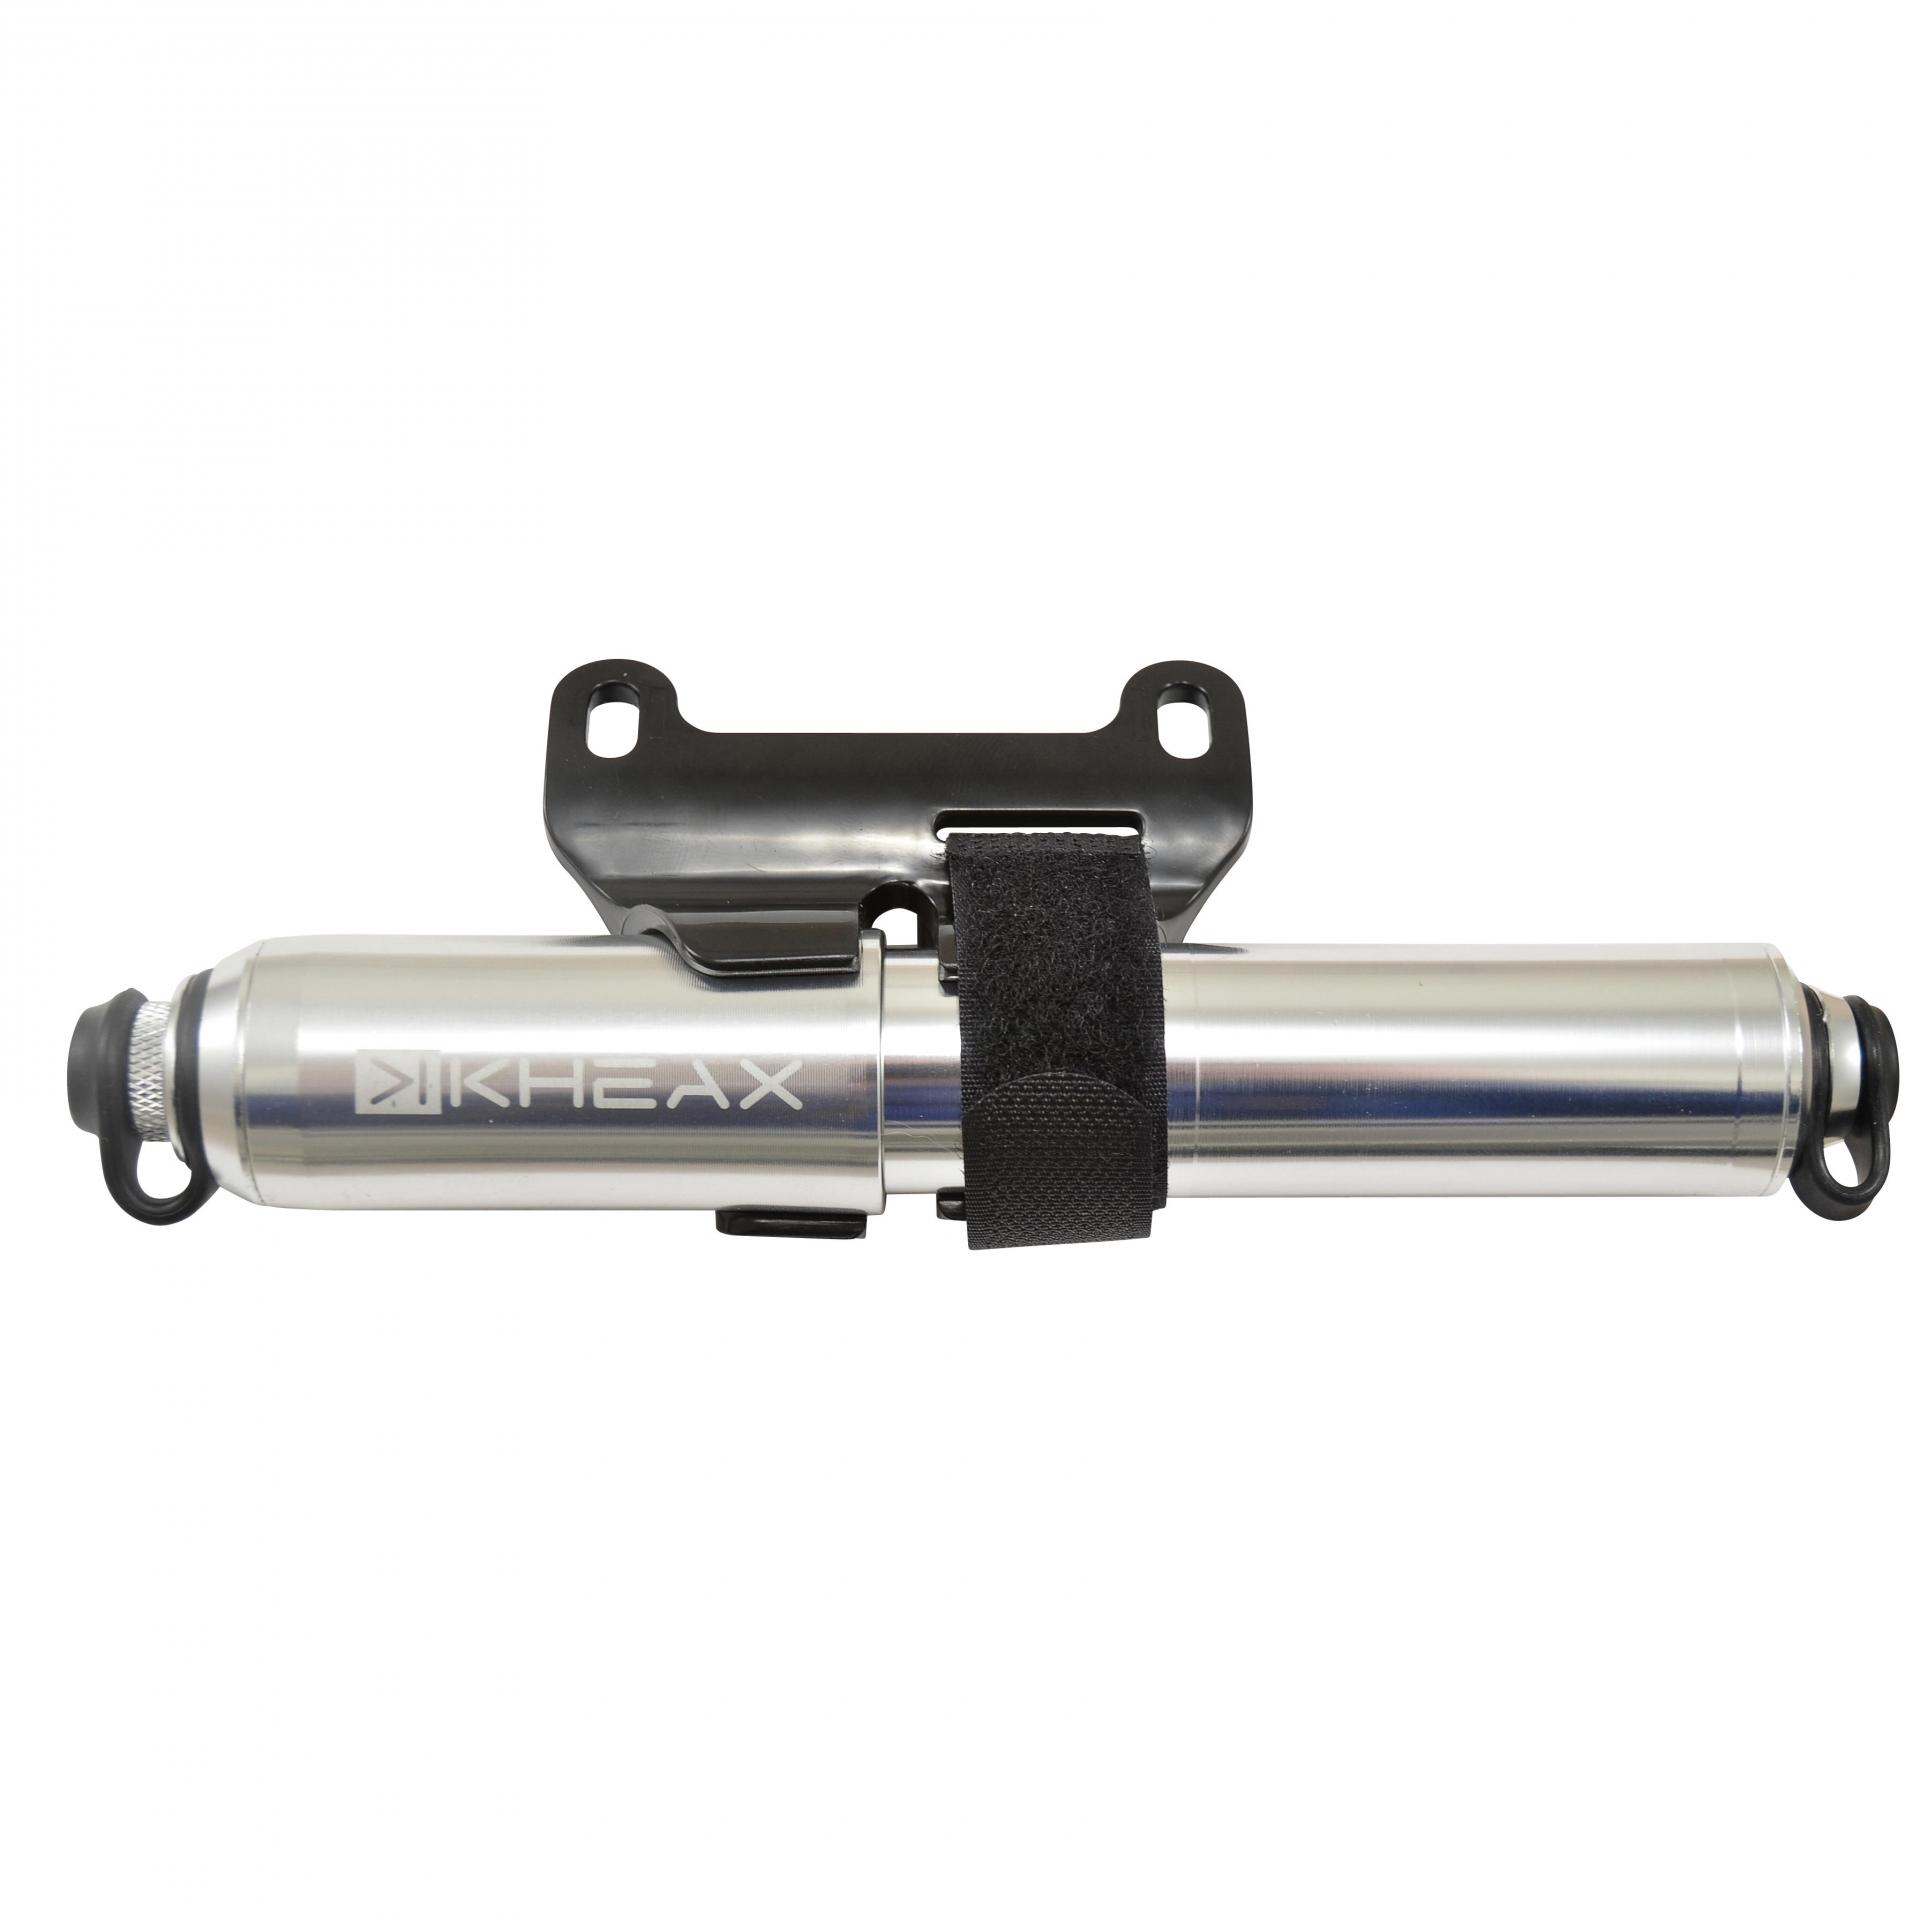 Mini pompe KHEAX Lapix VTT S Argent (185 mm)